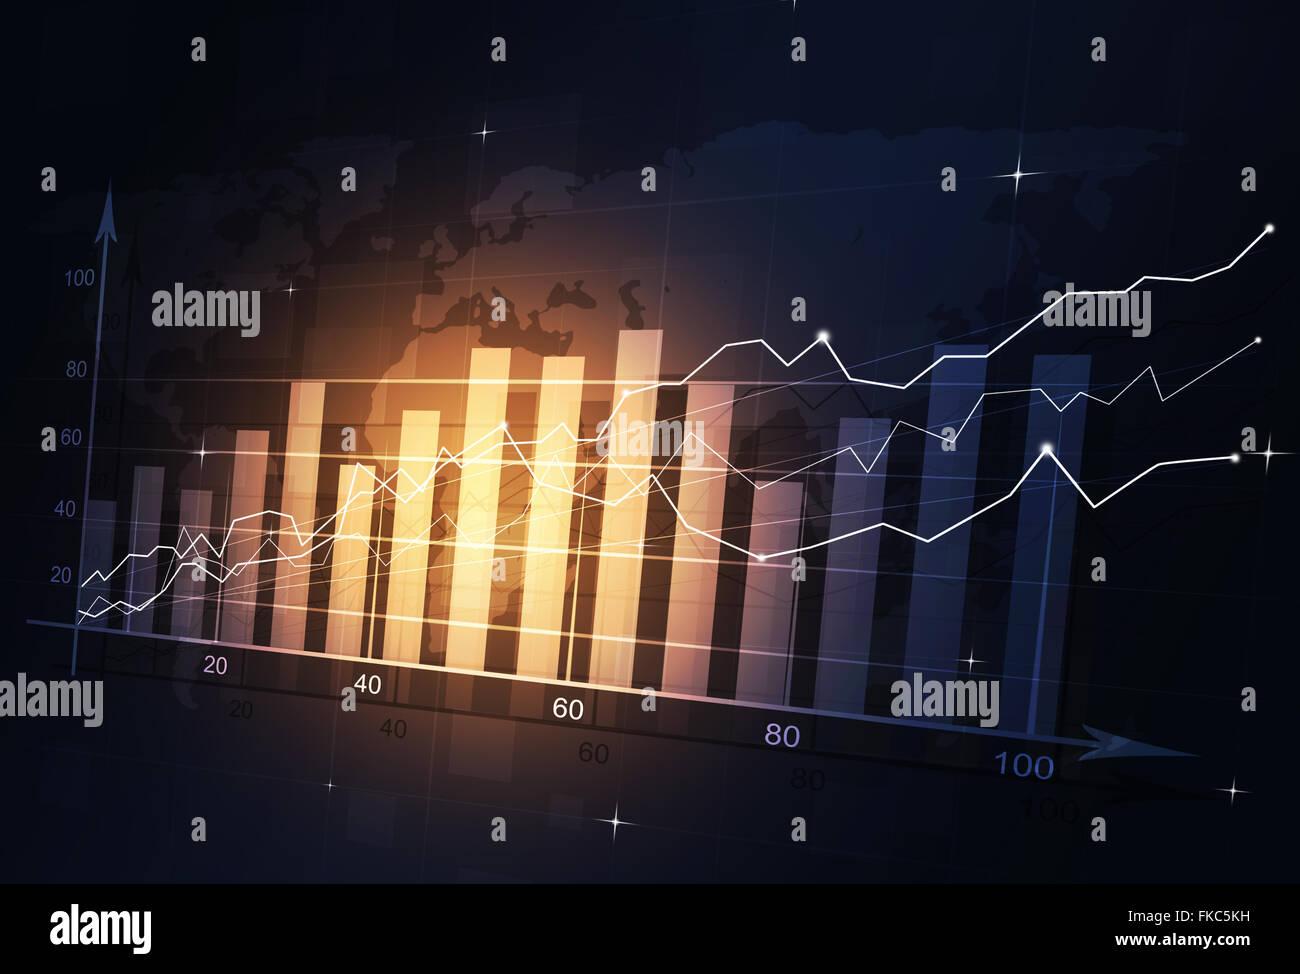 Abstract finanza del mercato schema su sfondo scuro Immagini Stock